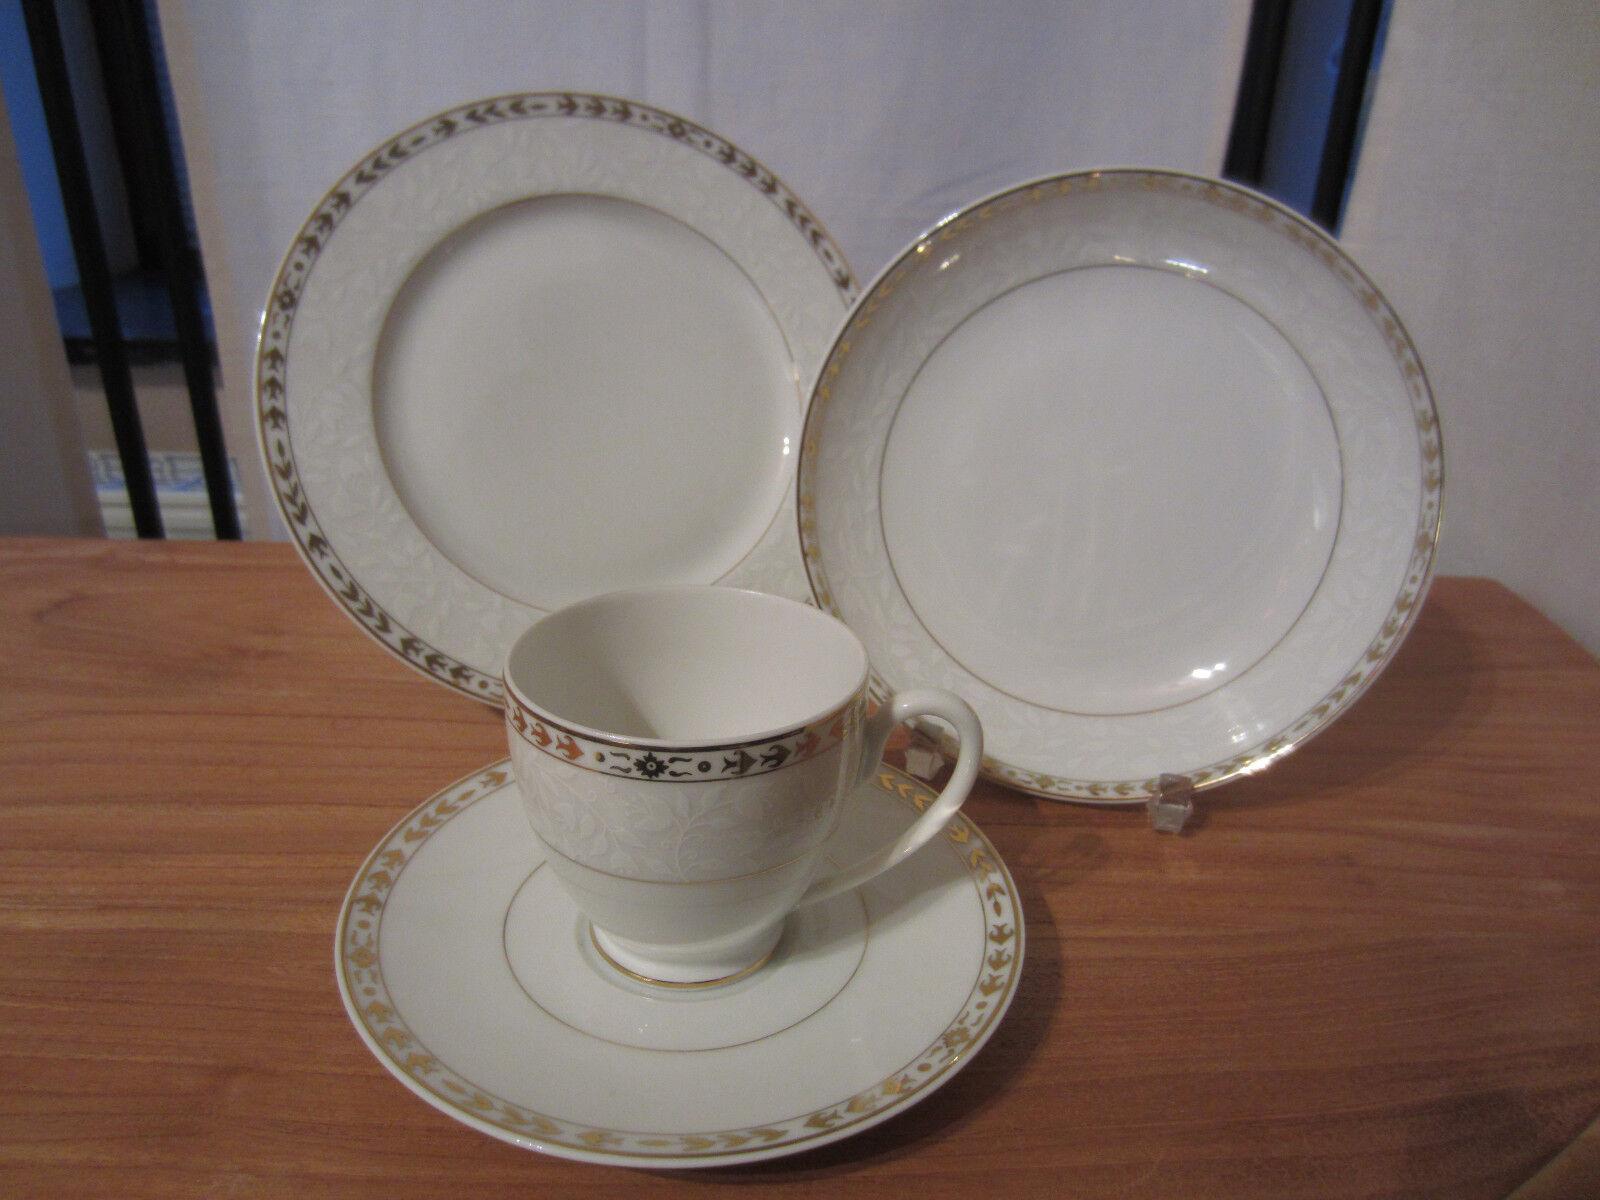 GUY DEGRENNE NEW Lenassia Set 2 Assiettes + Tasse à café Plate + cup